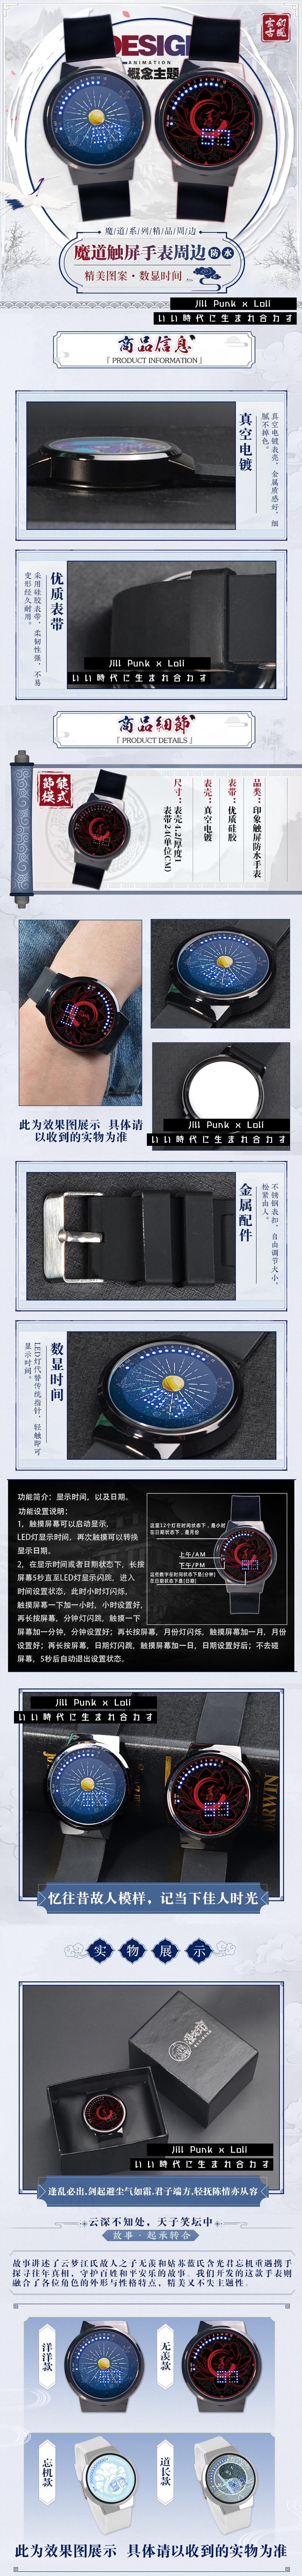 J1L9044-01